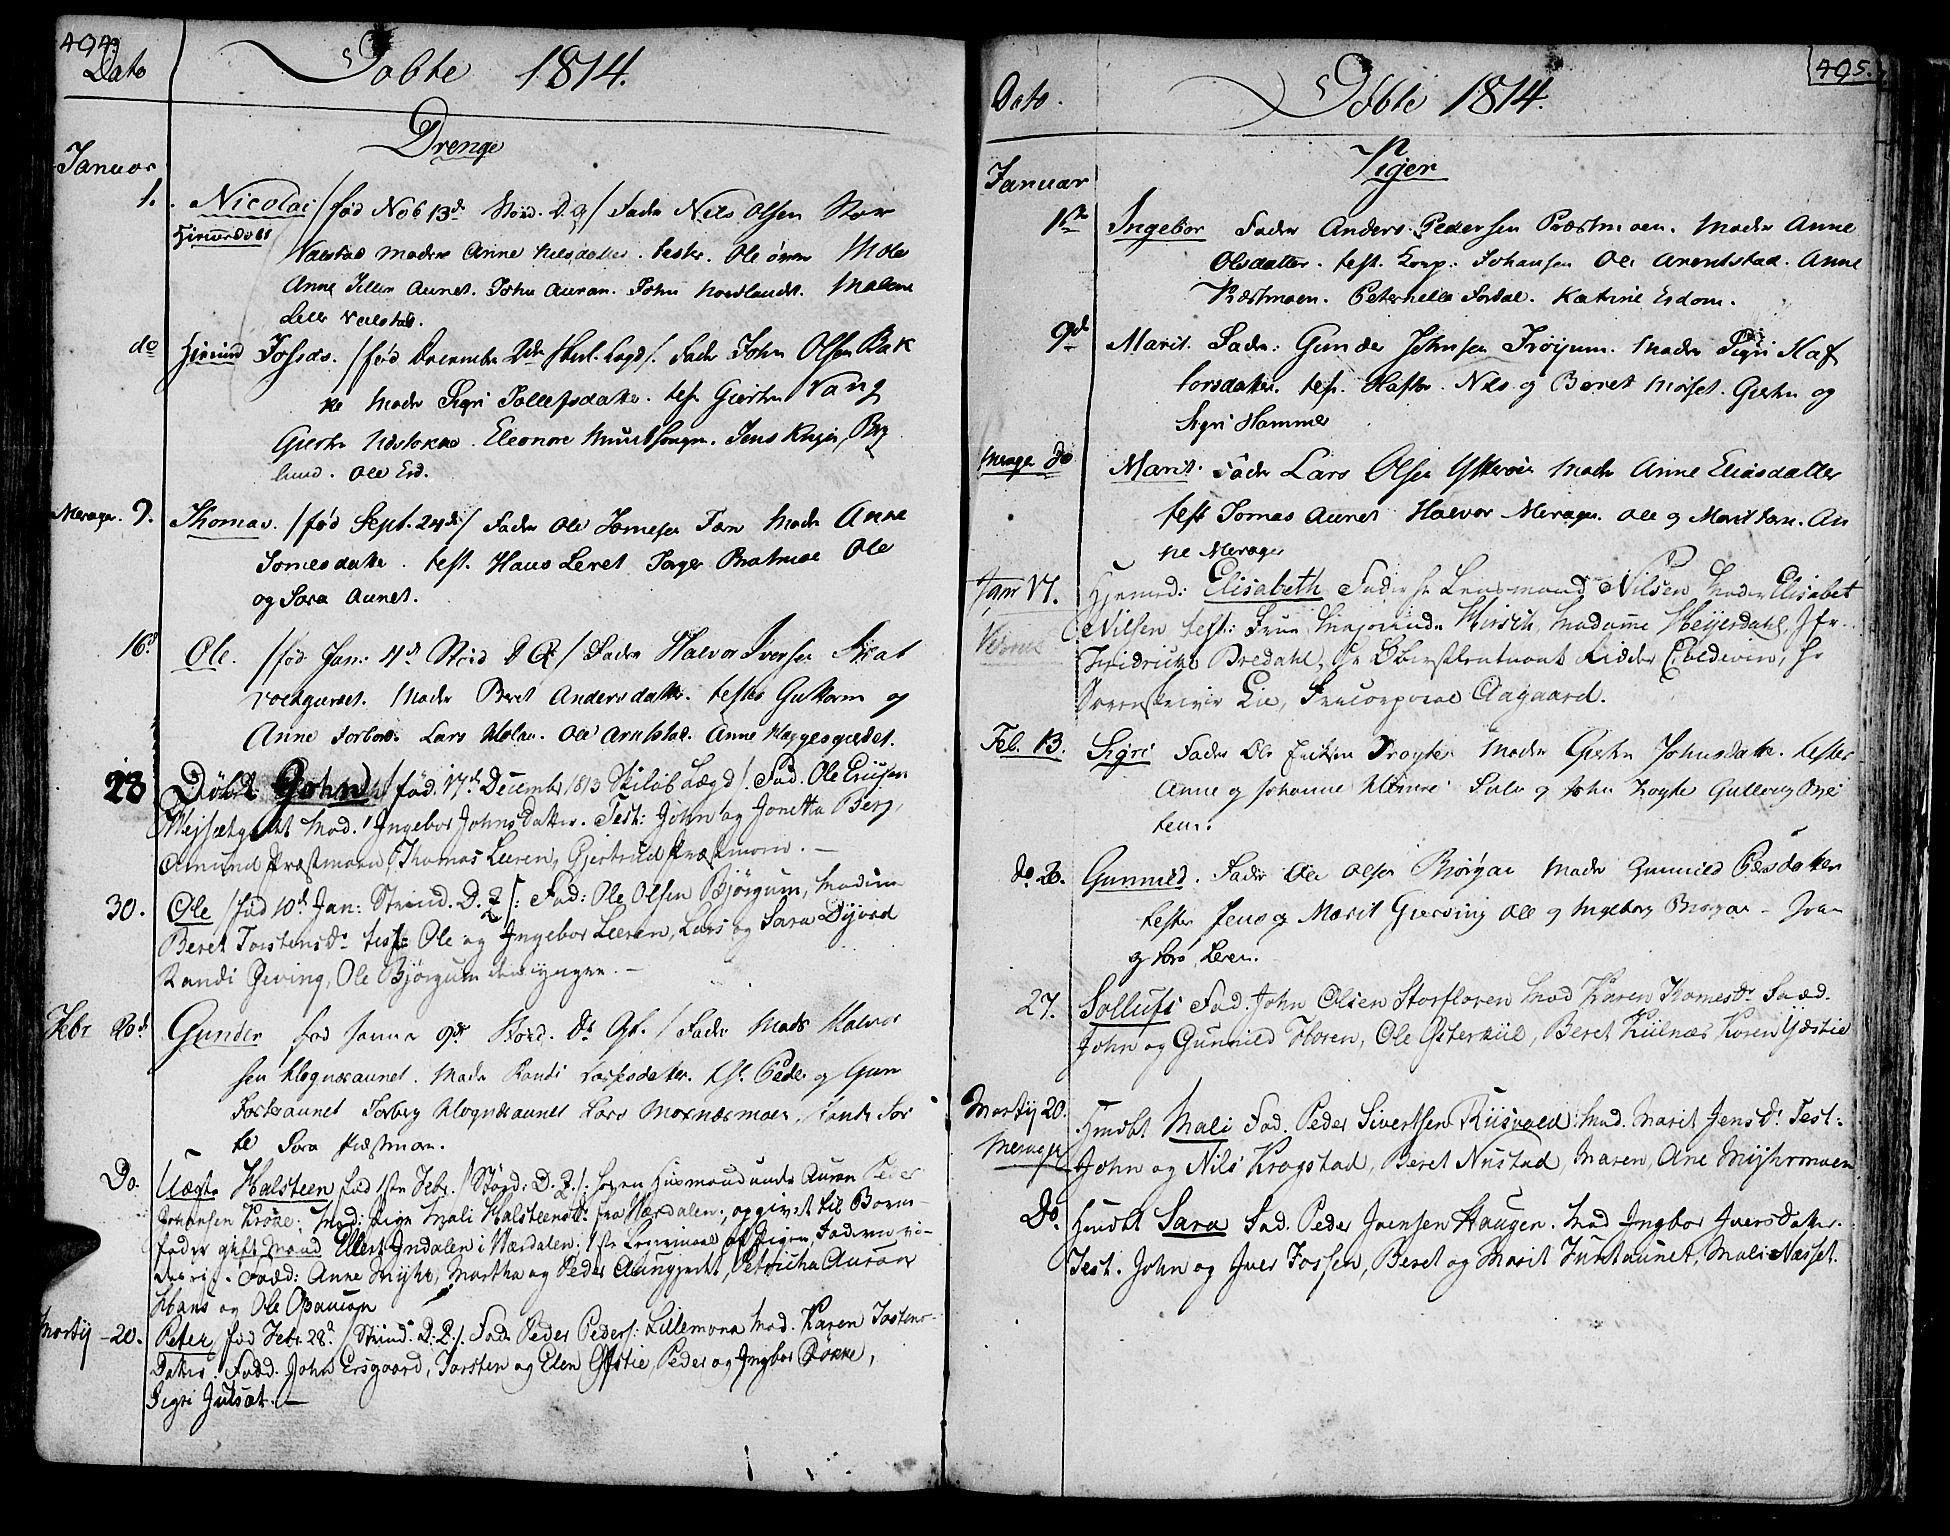 SAT, Ministerialprotokoller, klokkerbøker og fødselsregistre - Nord-Trøndelag, 709/L0060: Ministerialbok nr. 709A07, 1797-1815, s. 494-495